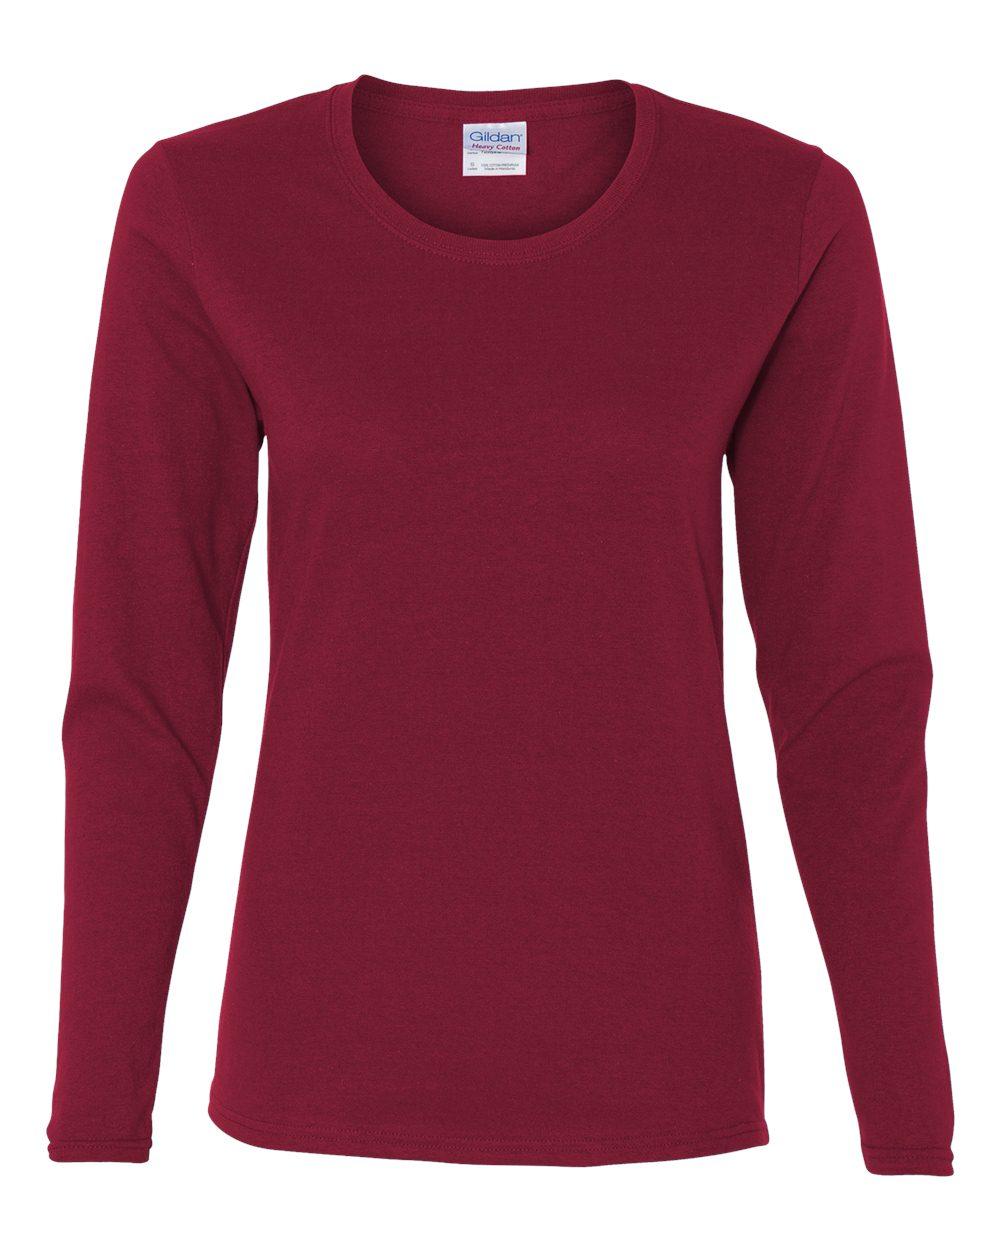 Women's Long Sleeve T-Shirts